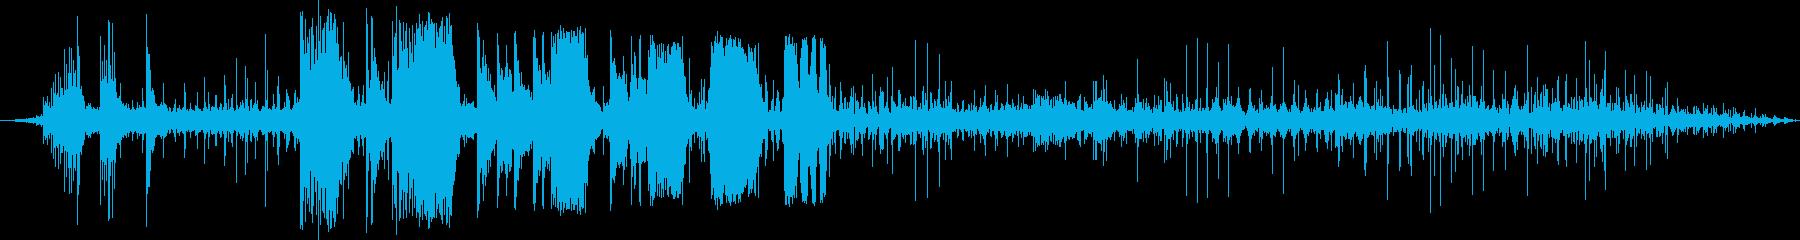 ロイヤルガードホース1-00の再生済みの波形